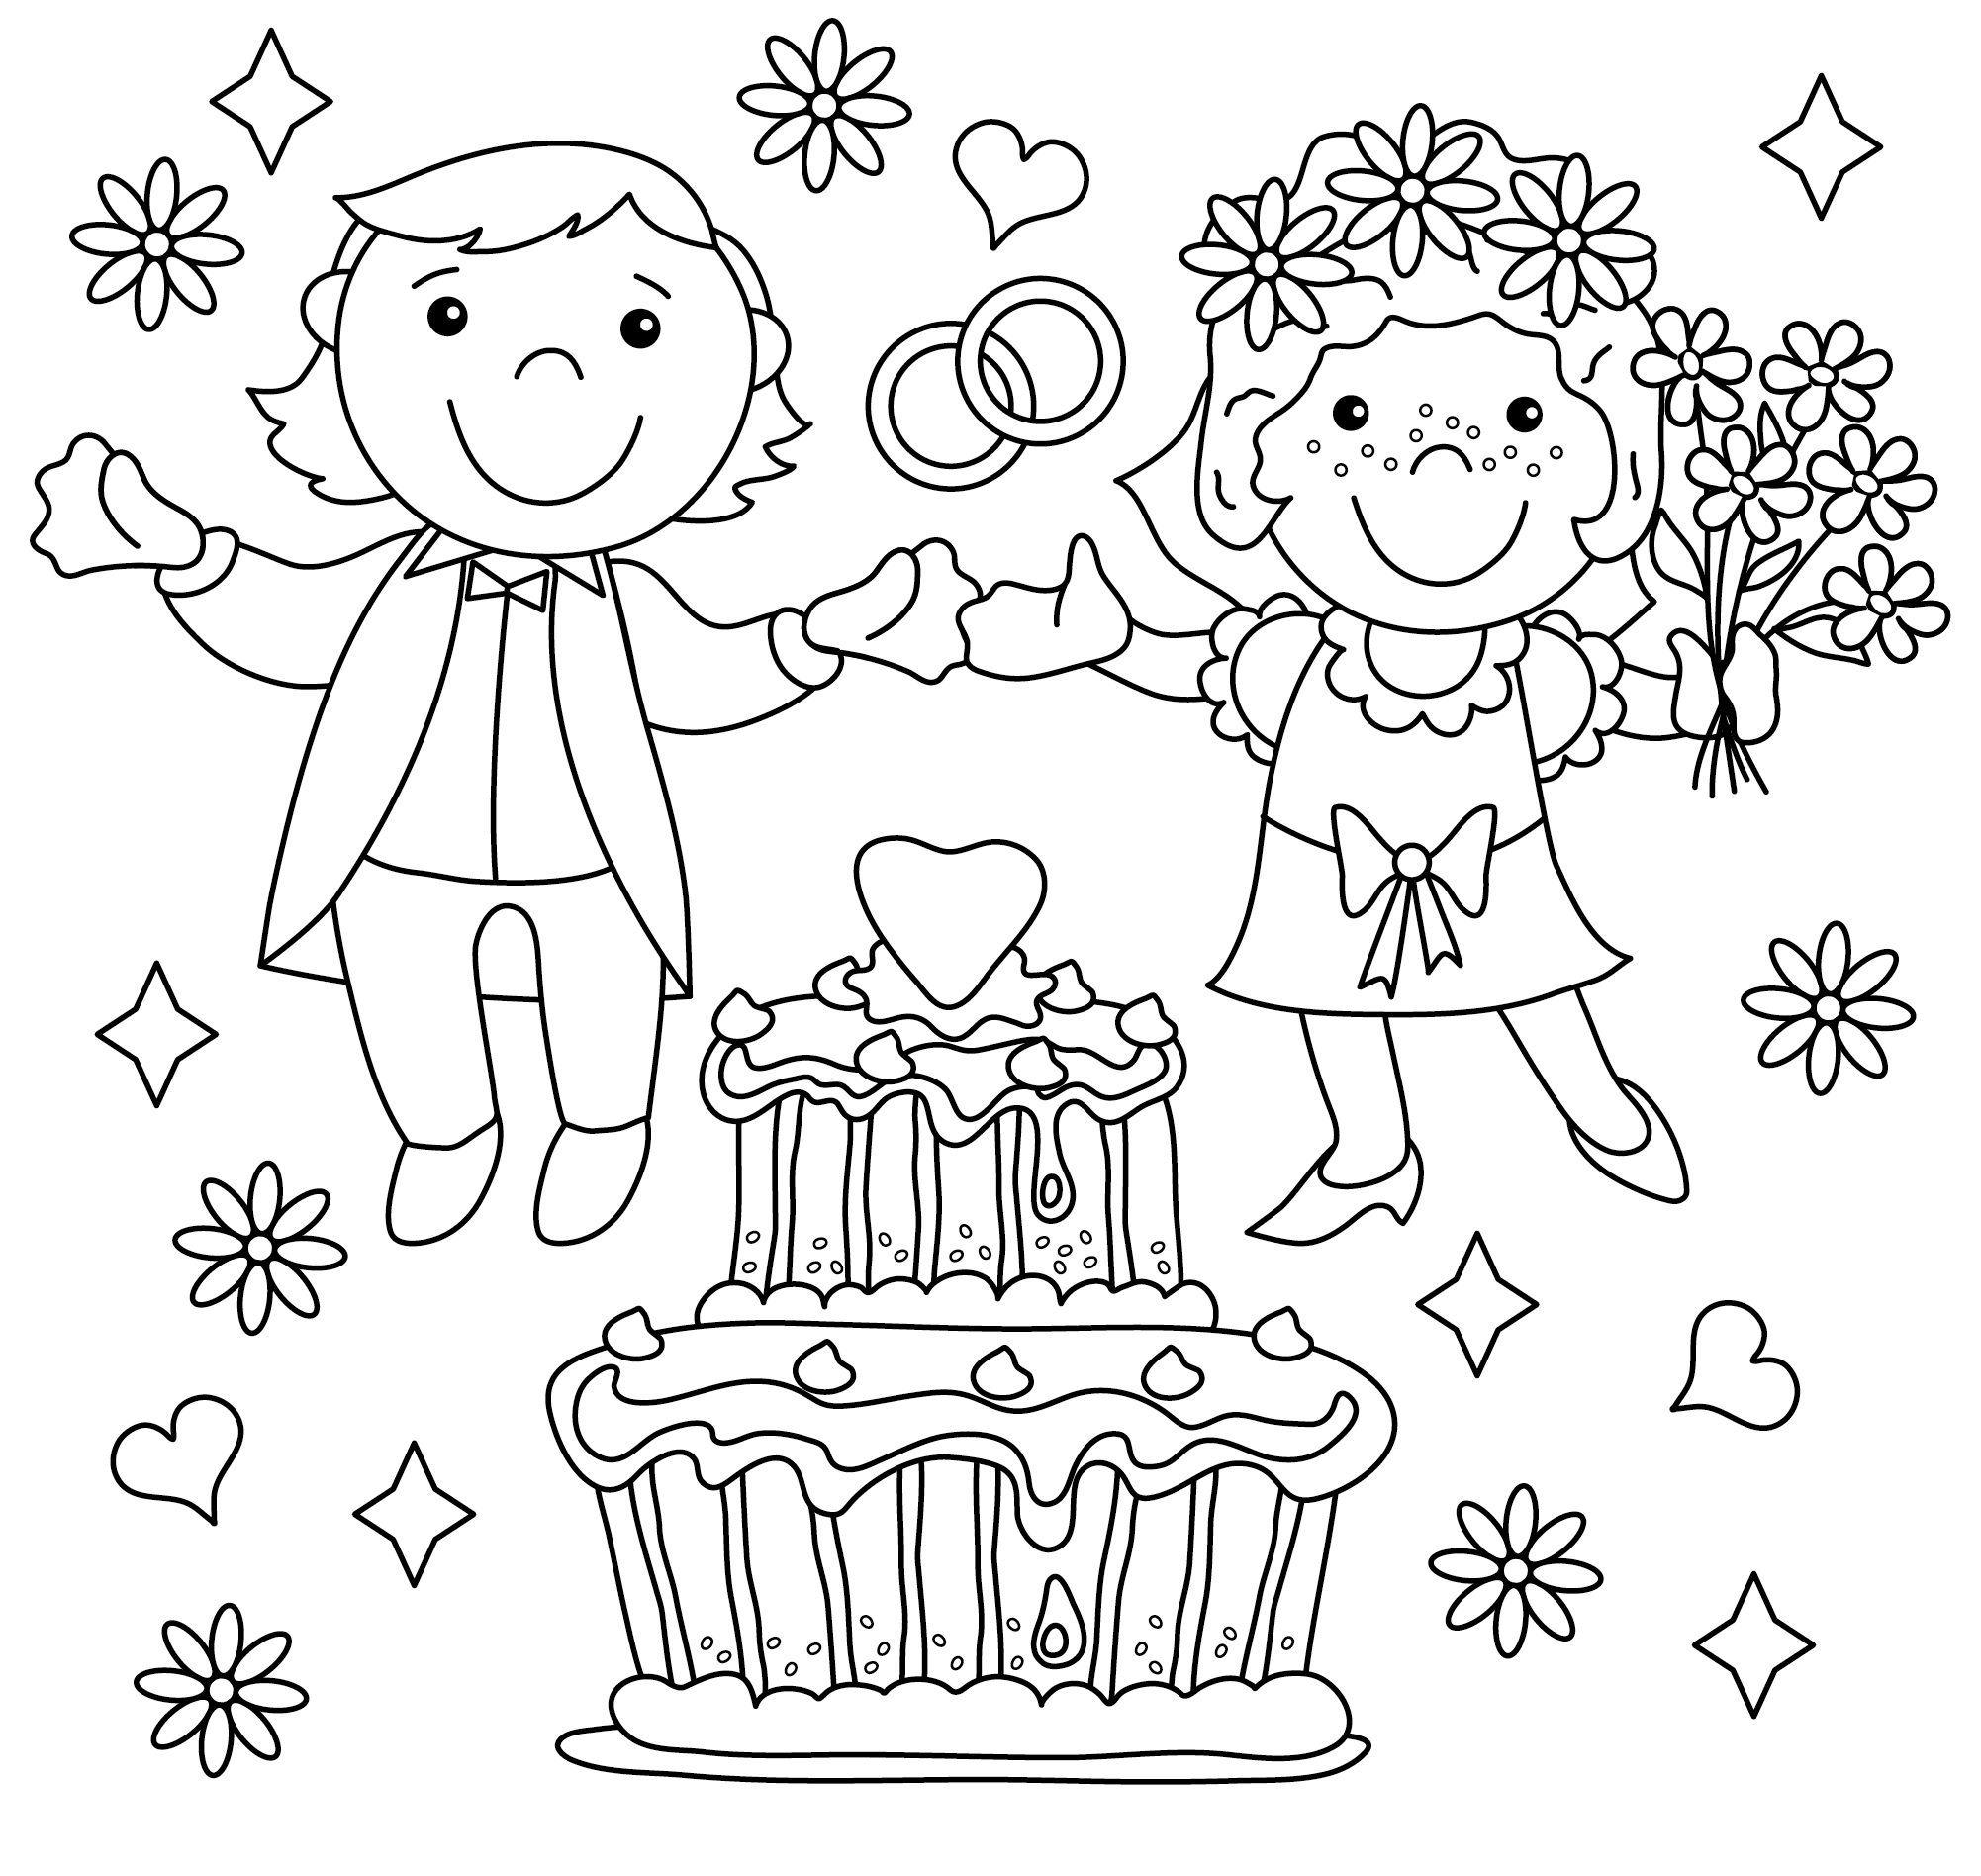 Malvorlagen F Kinder Hochzeit  Amorphi